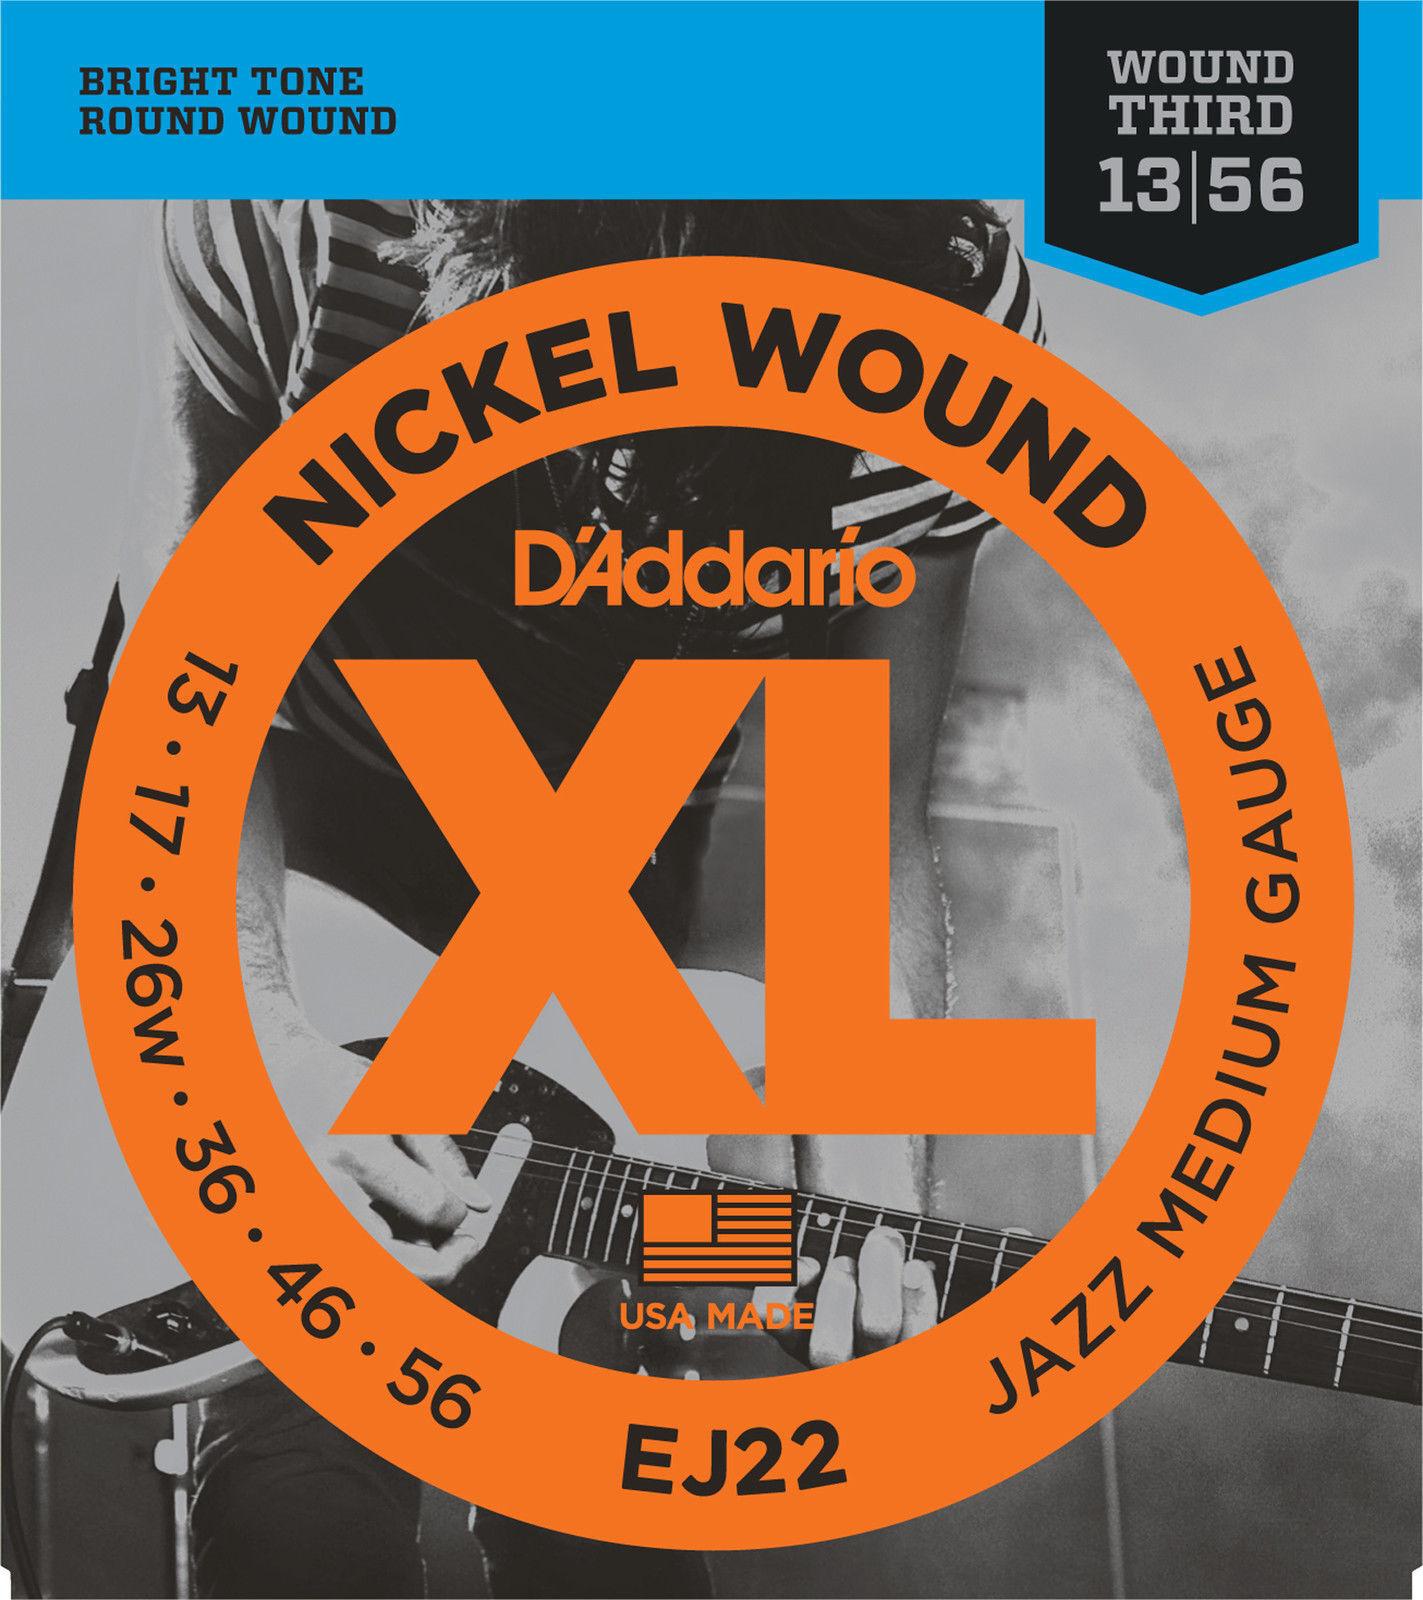 10 Juegos D 'Addario EJ22 Níquel Herida Herida Herida Jazz Guitarra Eléctrica Cuerdas 13-56 medio  ventas en línea de venta